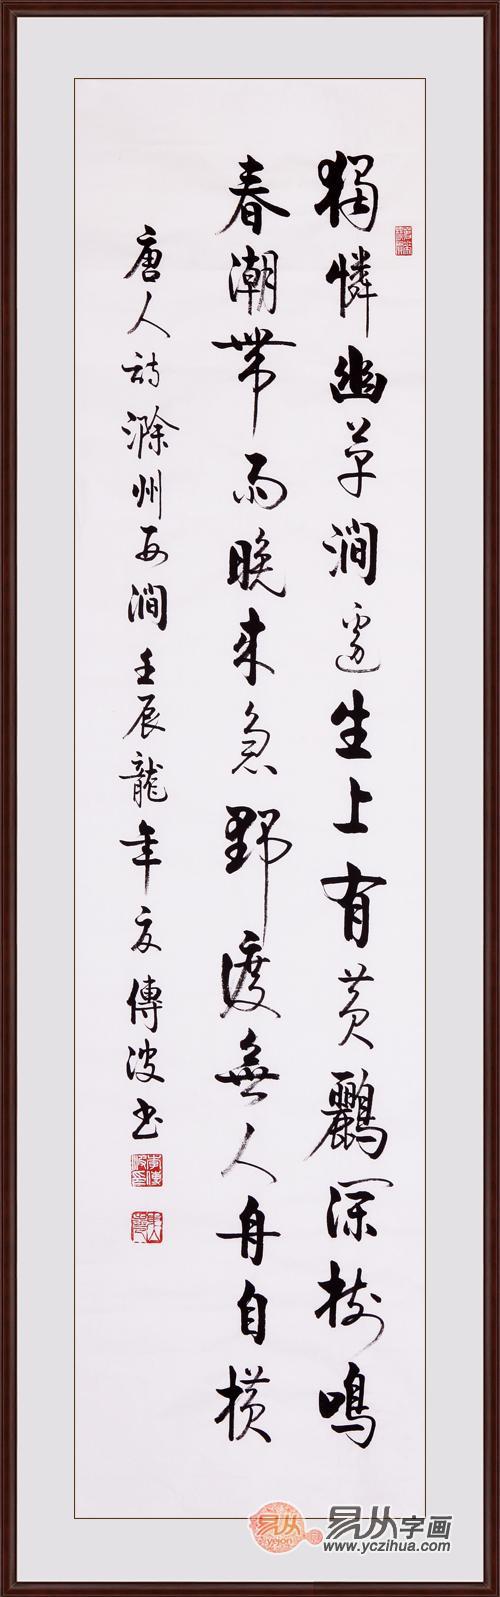 客厅挂画风水禁忌 启功大弟子李传波书法作品